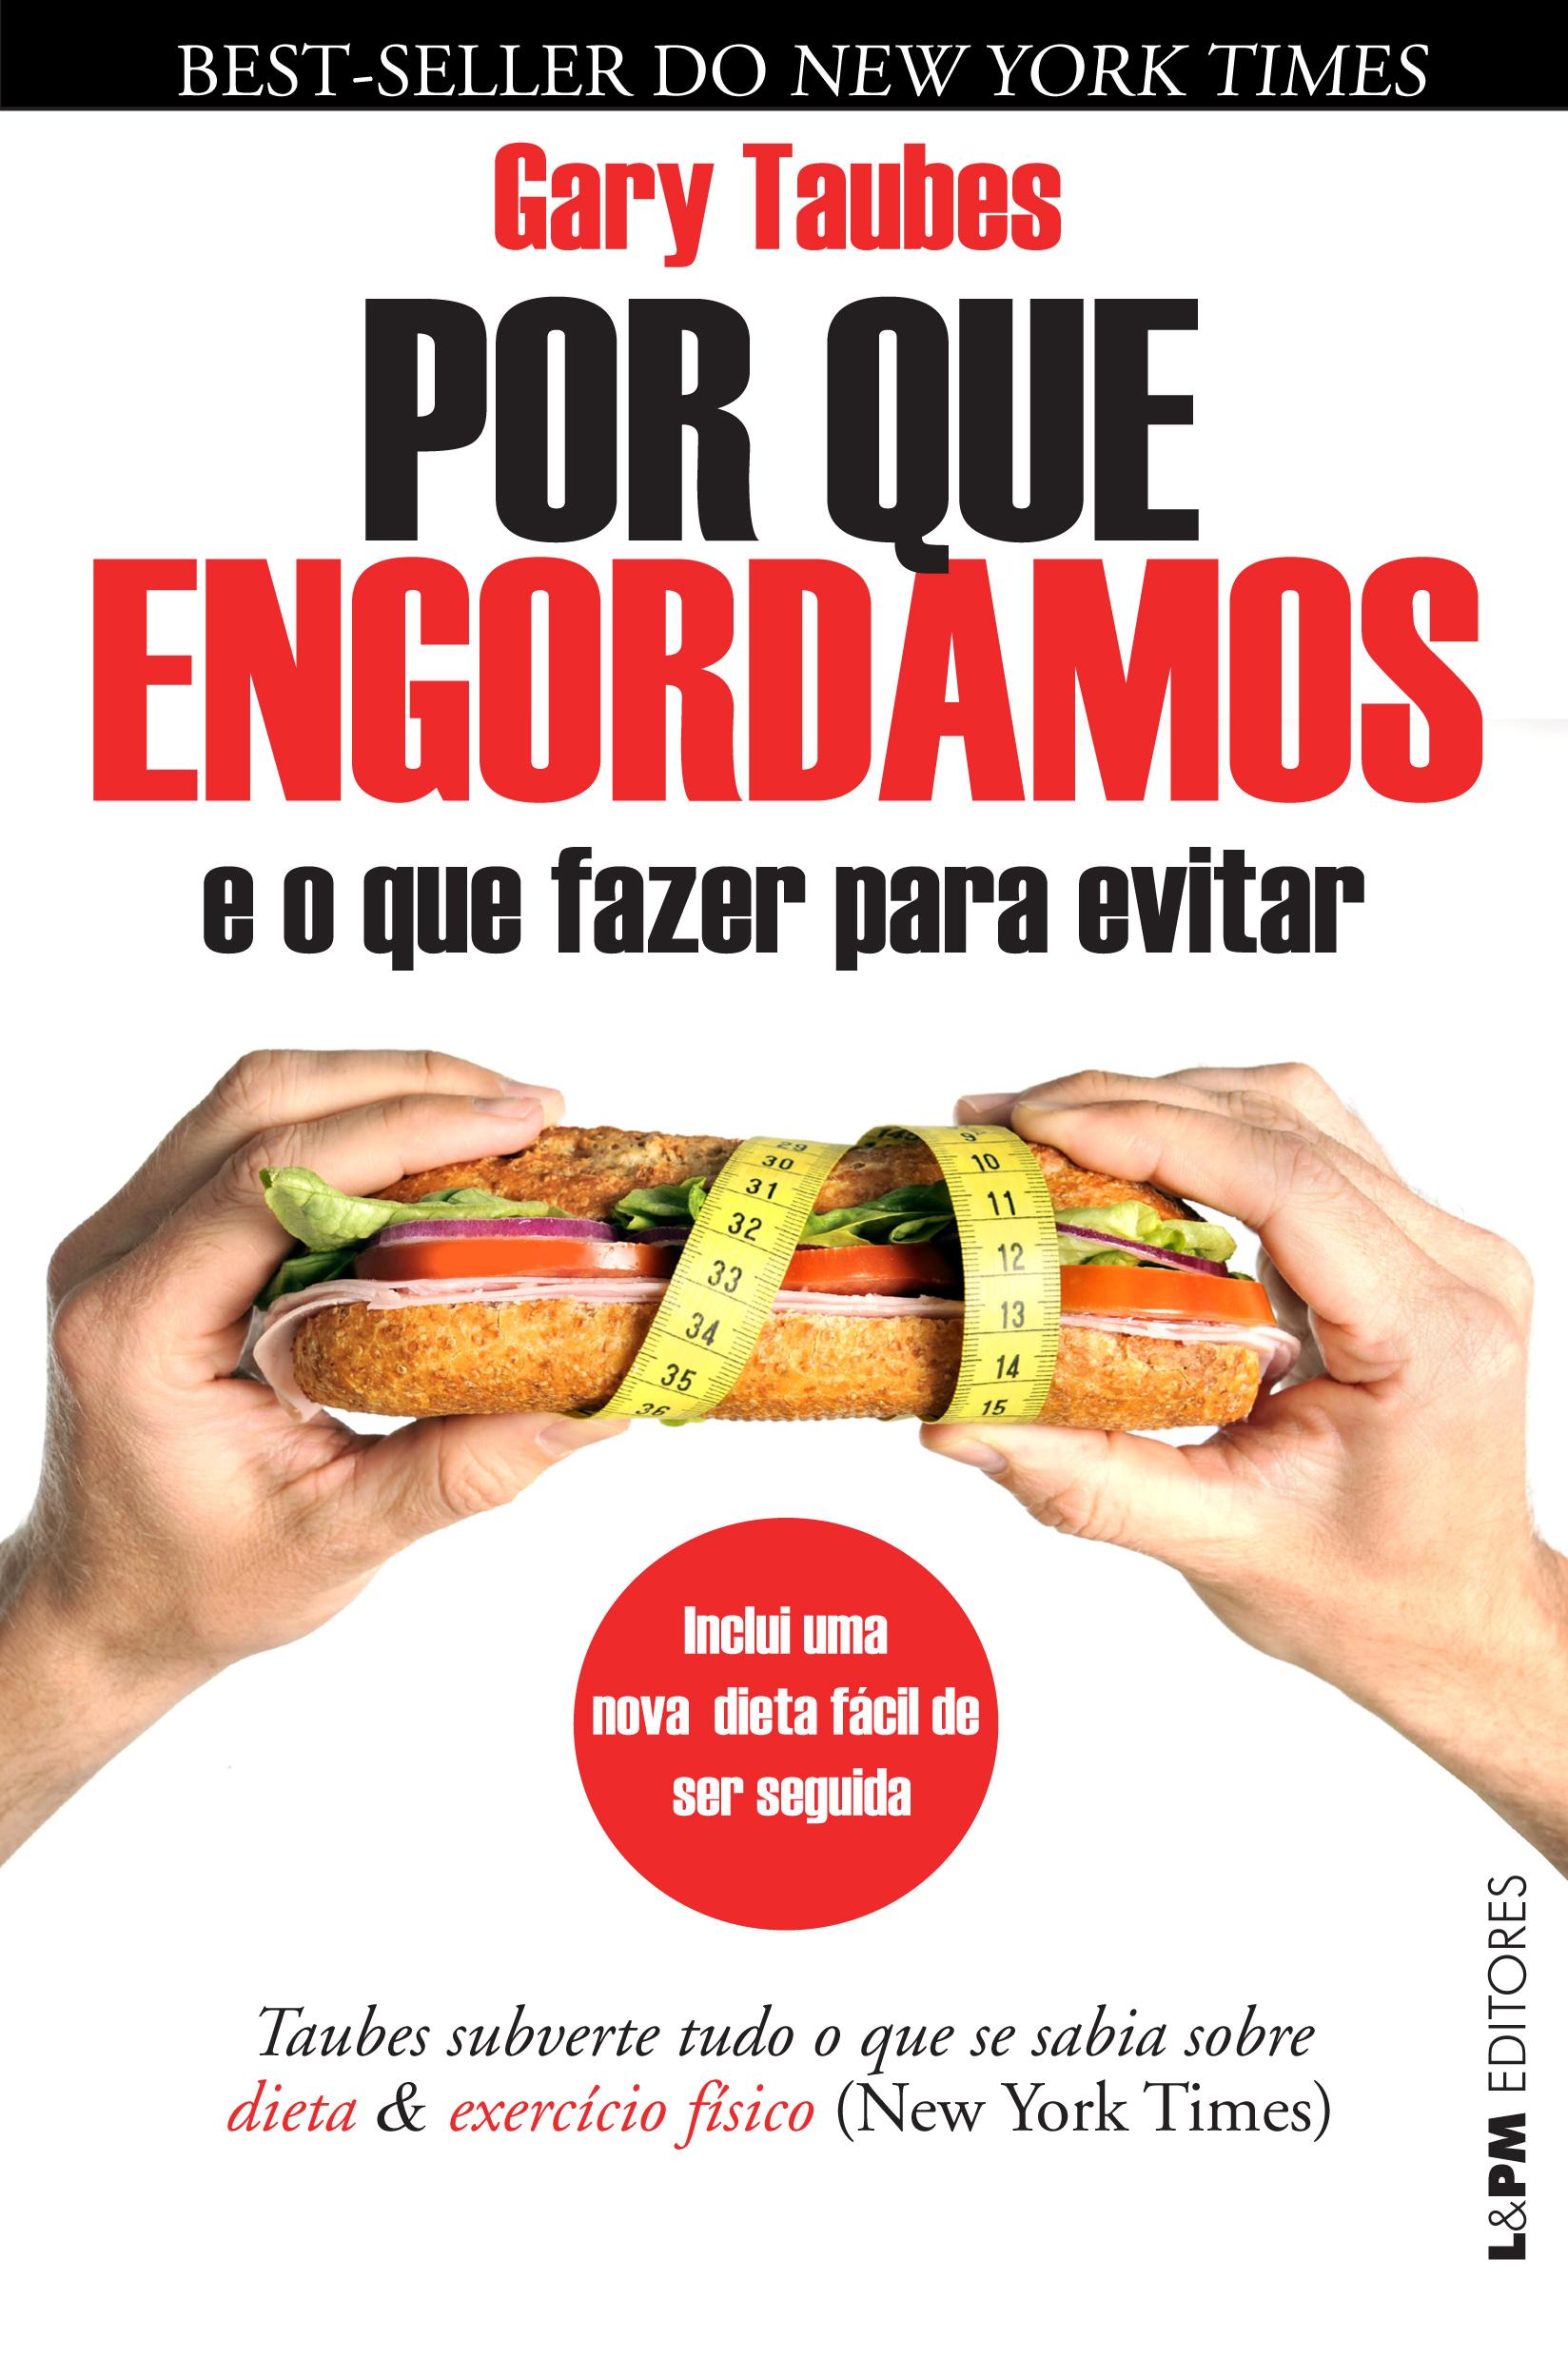 por_que_engordamos_corr_9788525431493_hd